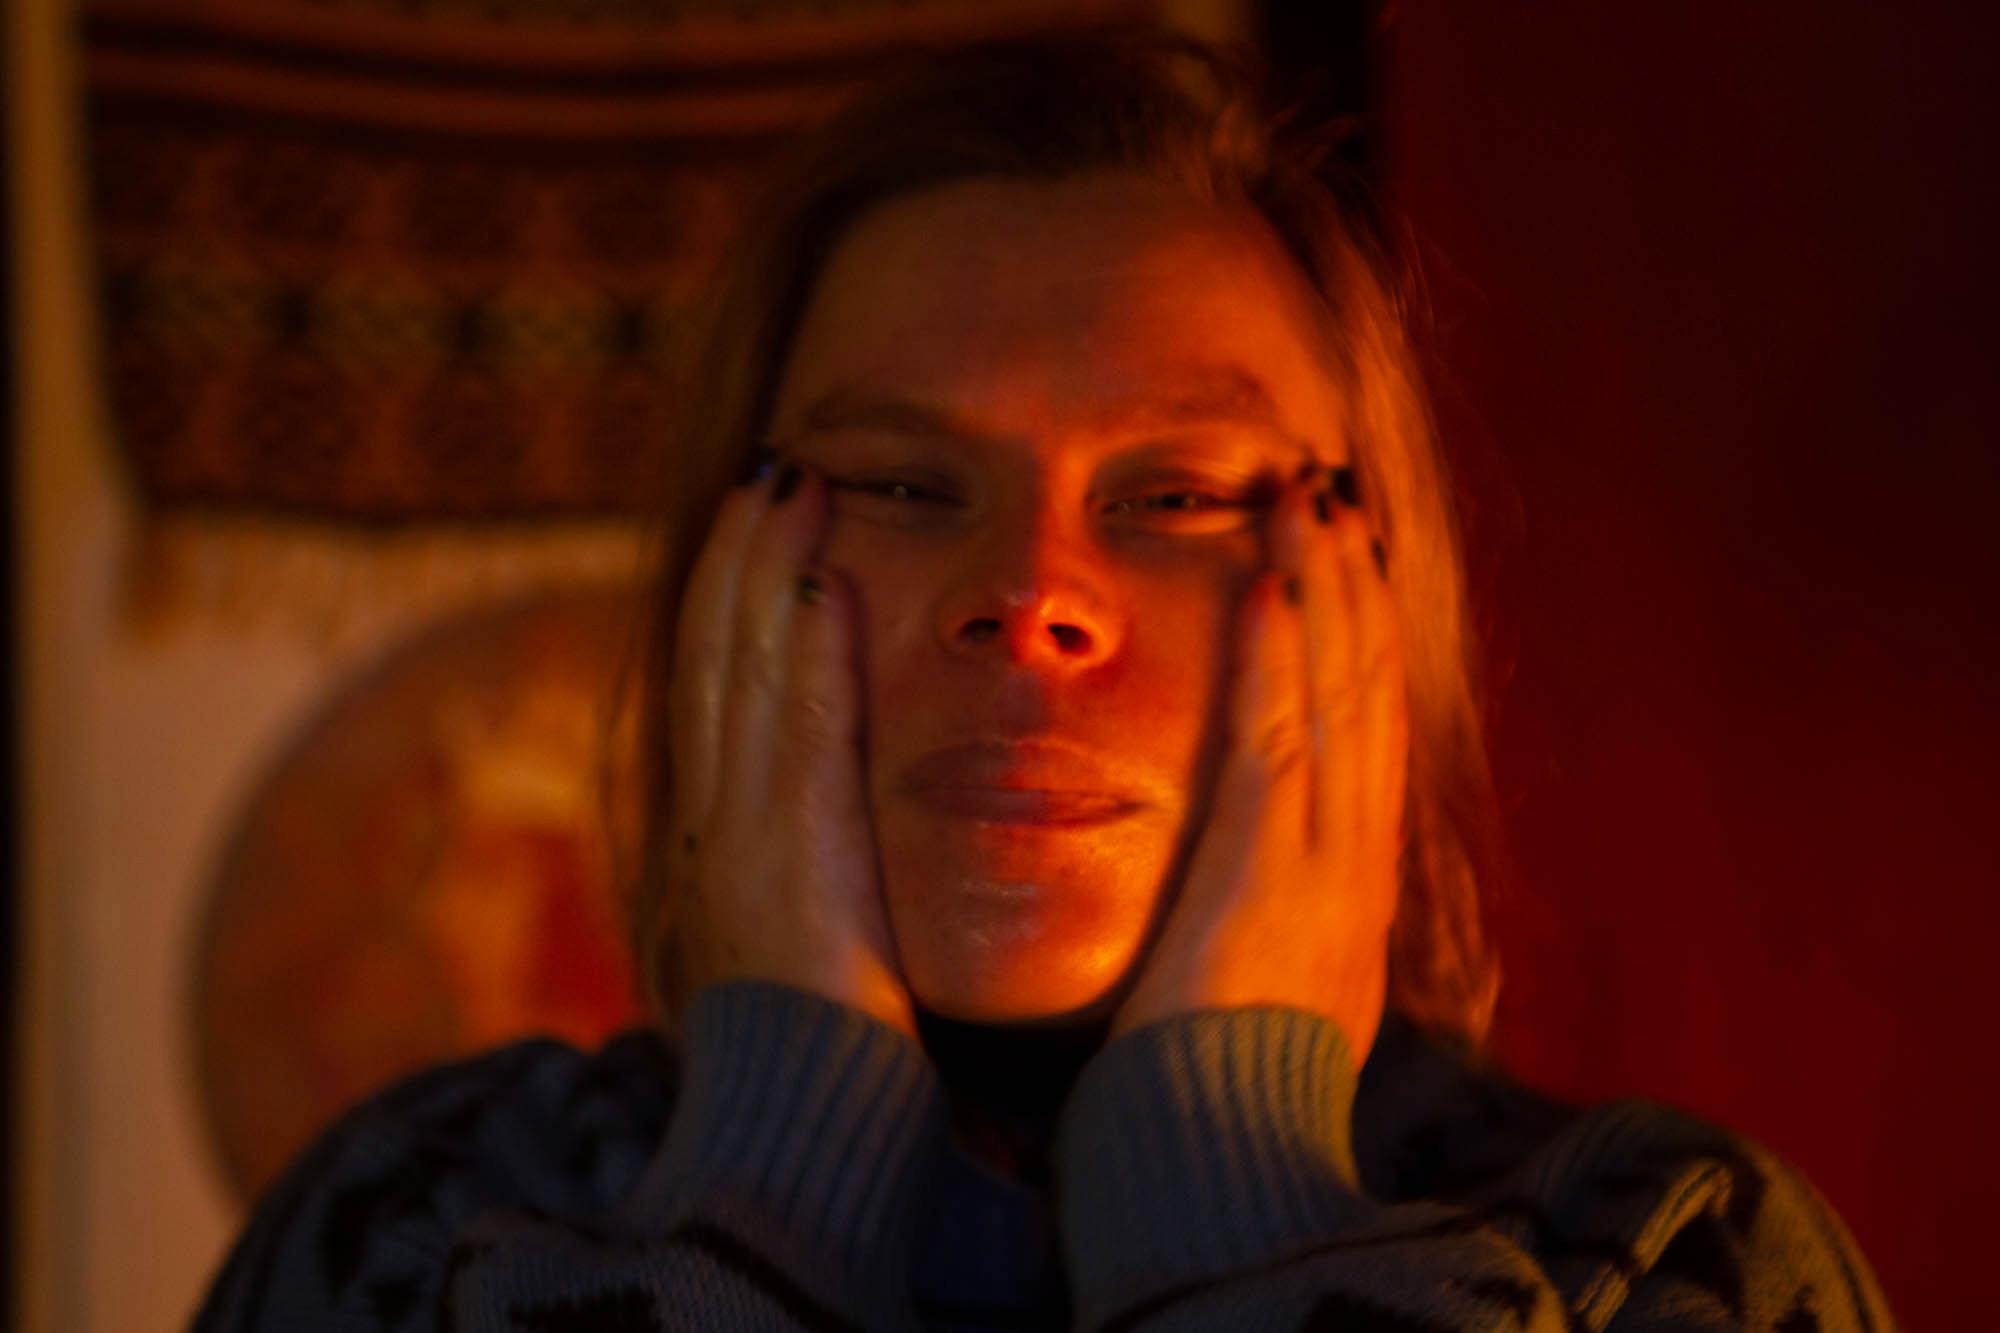 nainen levittää voidetta kasvoilleen kynttilänvalossa